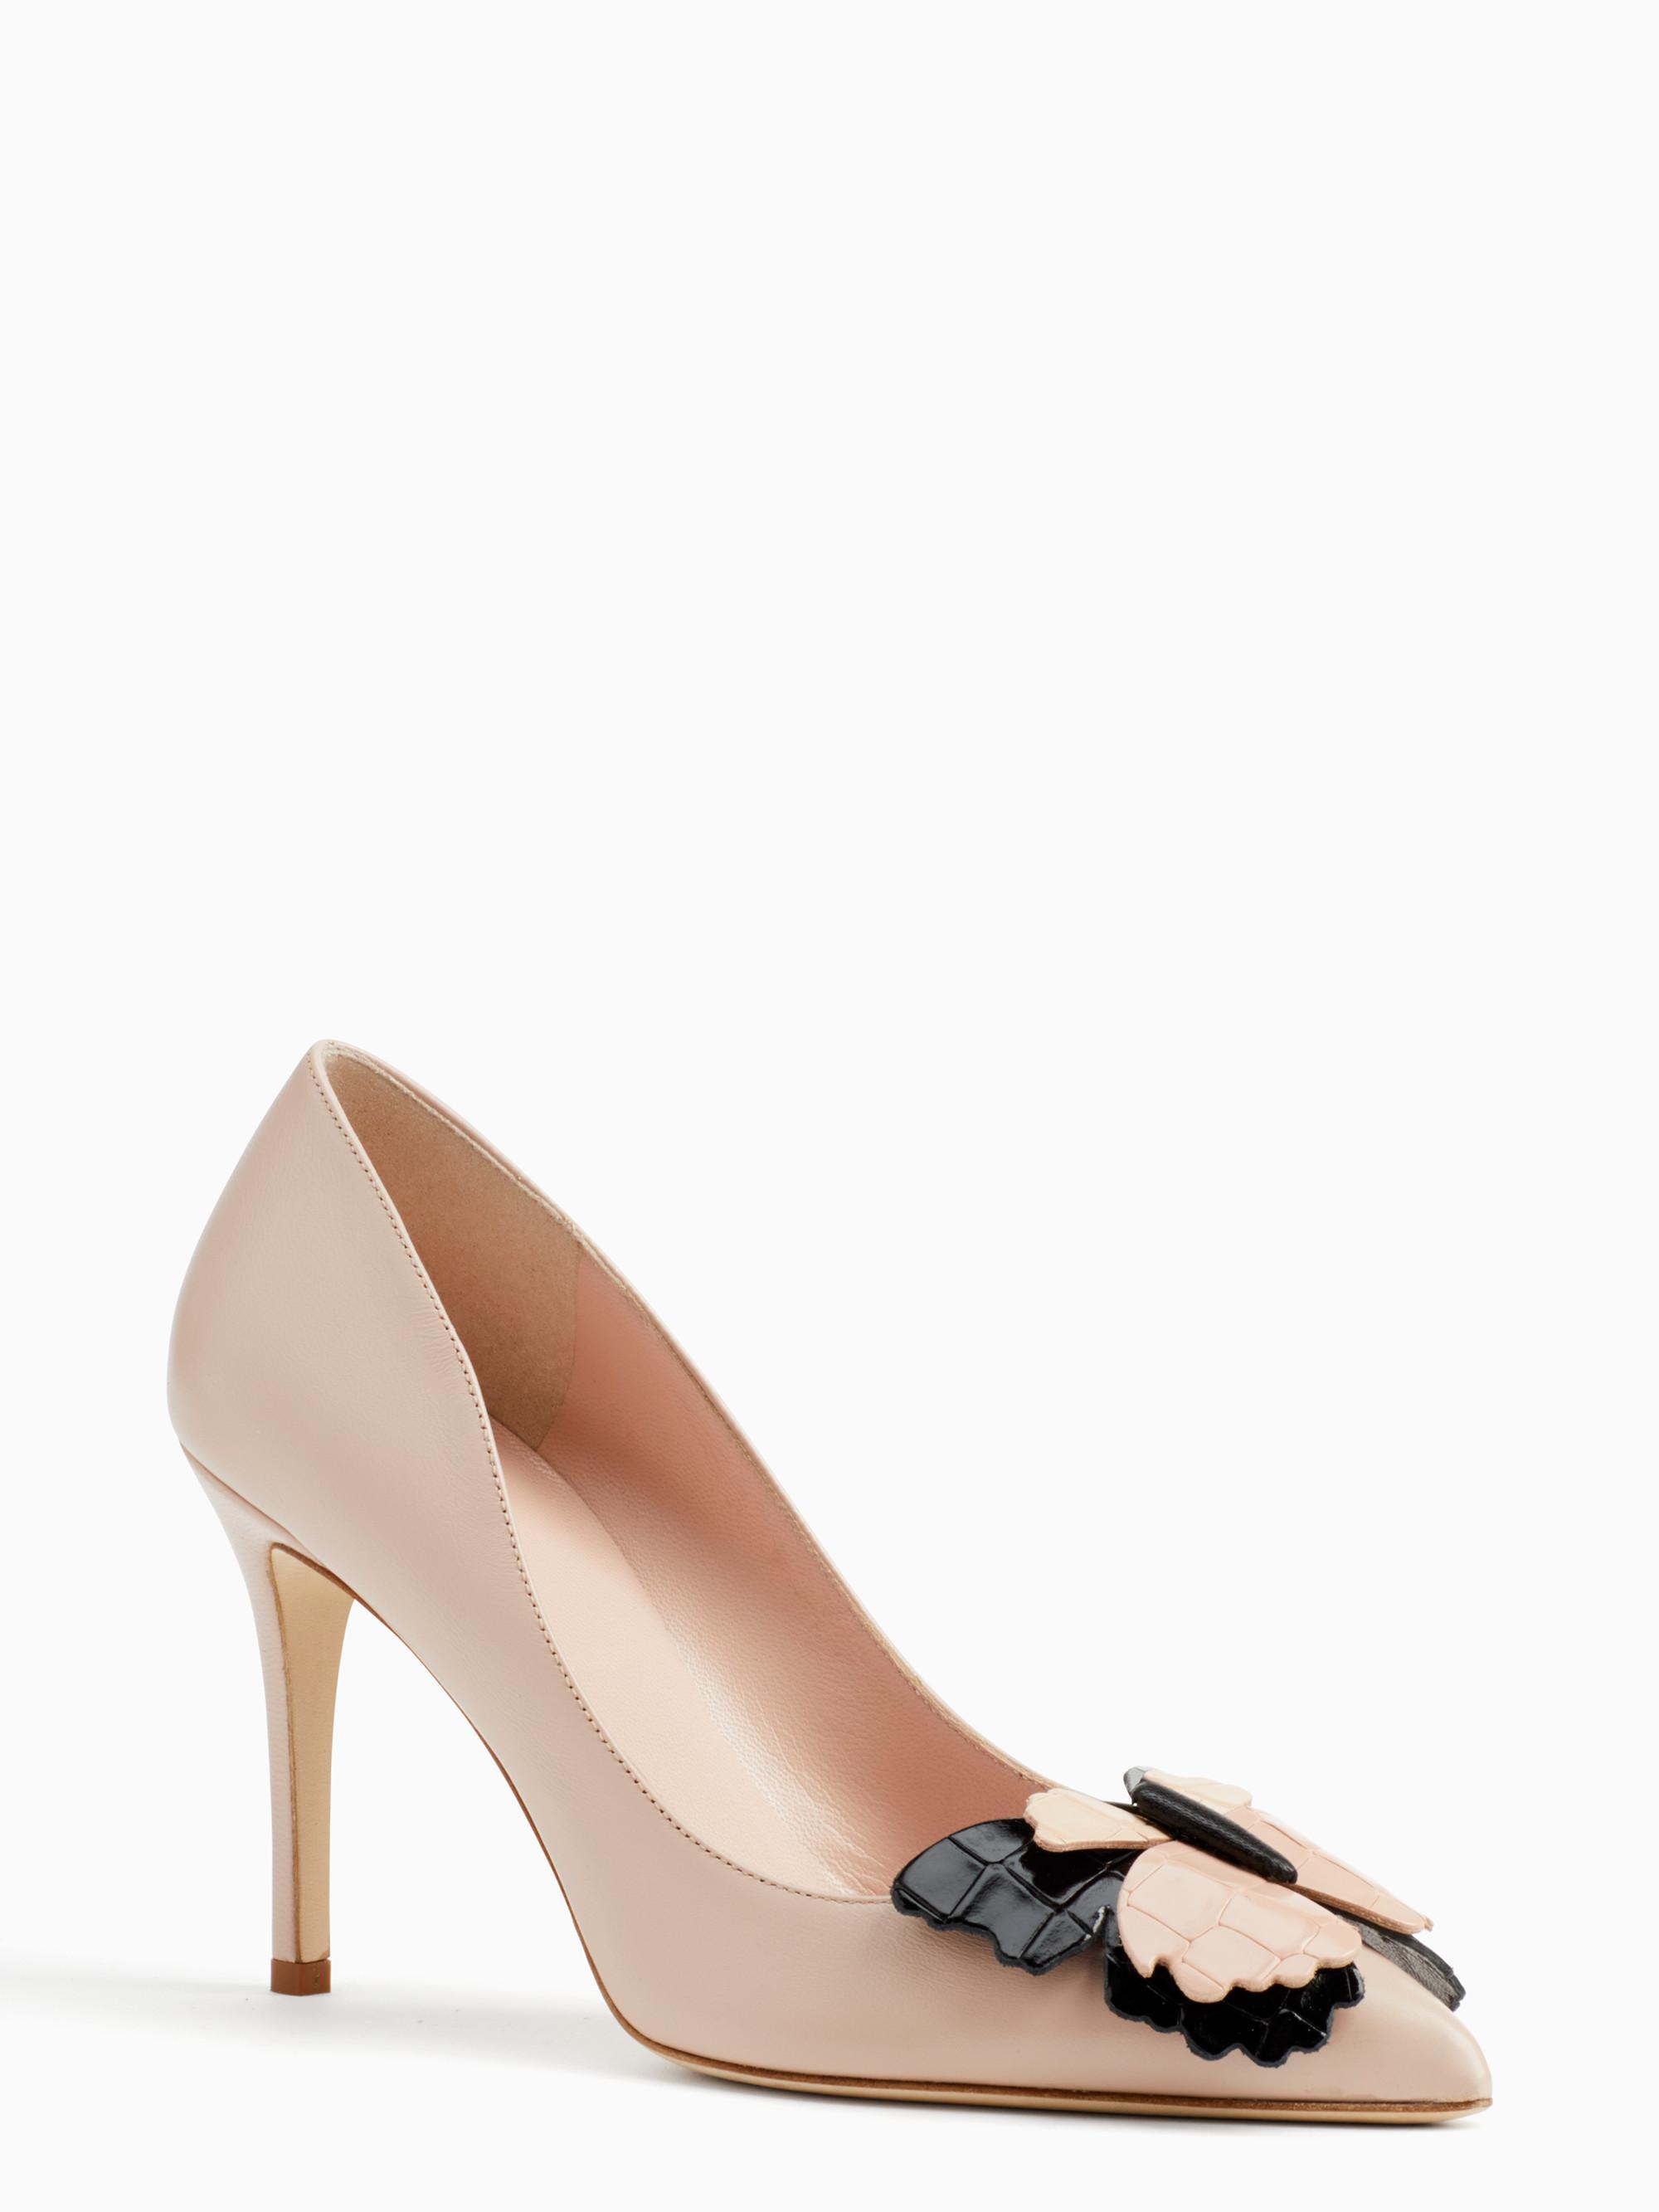 e439115a98c1 Kate spade laurie heels in pink lyst jpg 2000x2666 Kate spade lynne heels